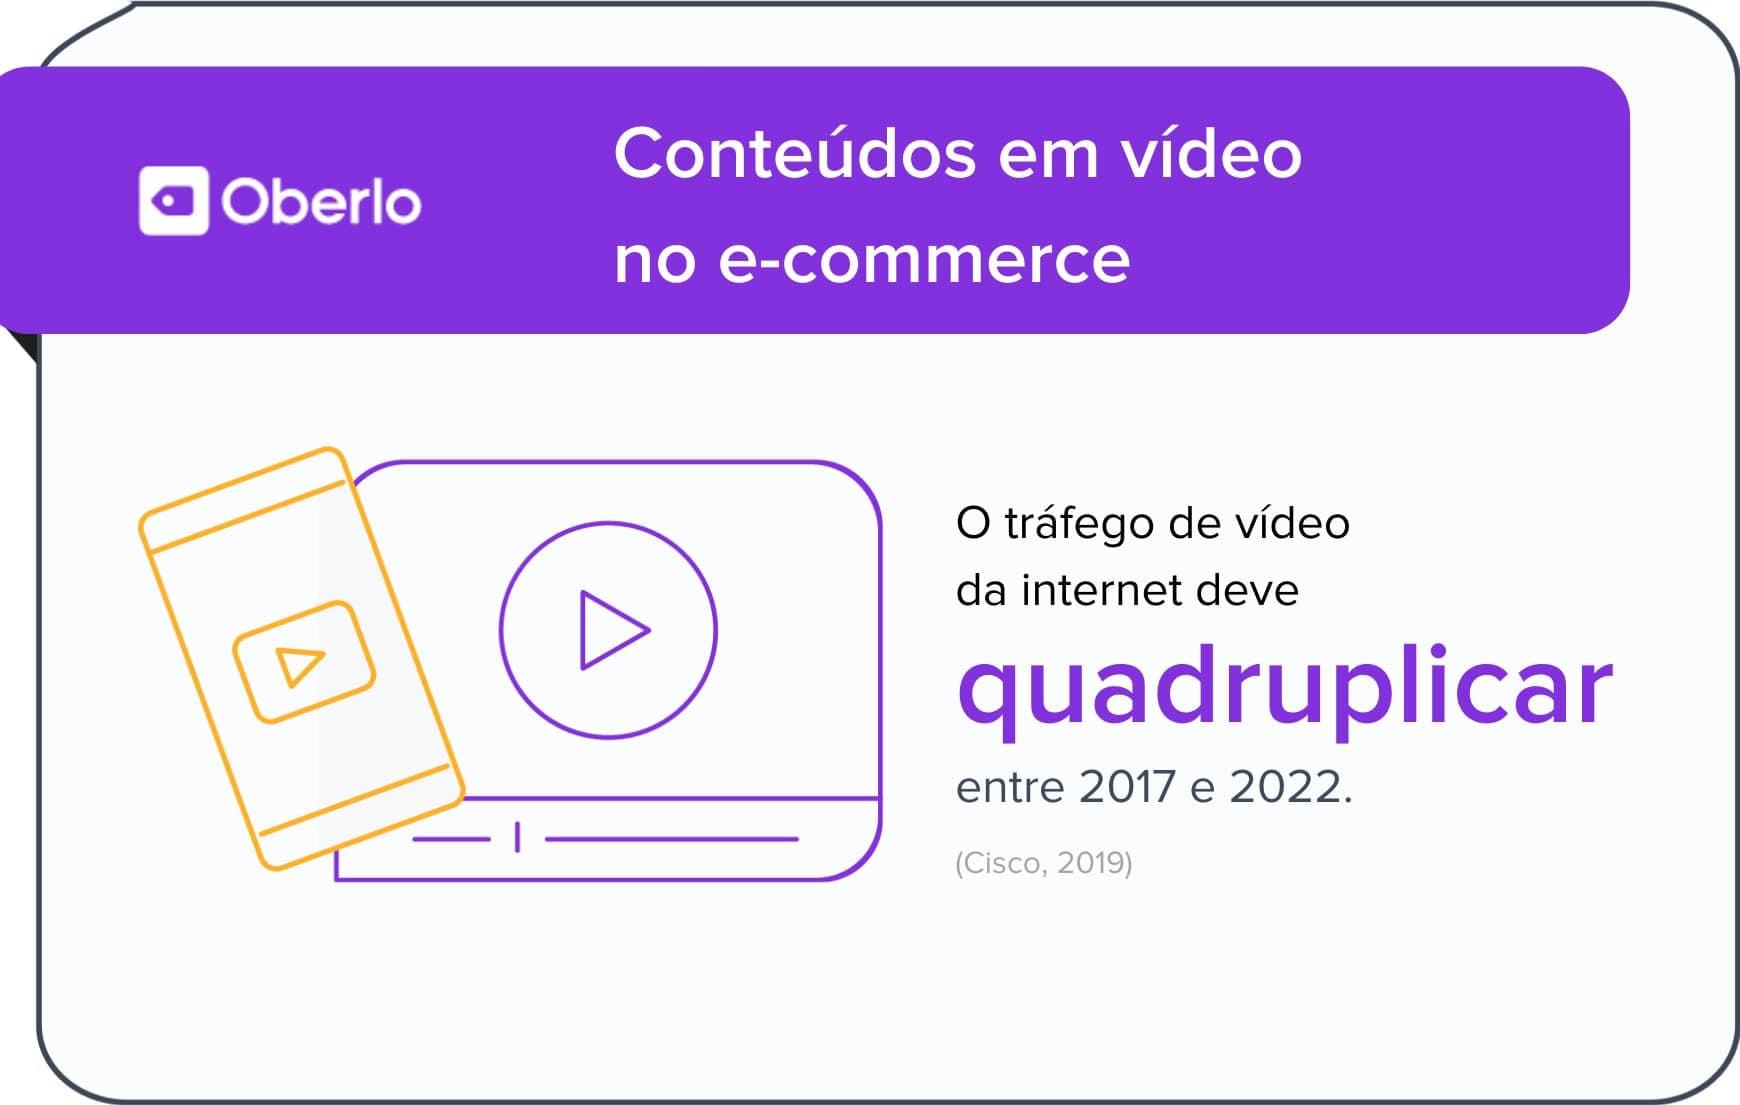 Redes sociais: crescimento dos conteúdos em vídeo no e-commerce